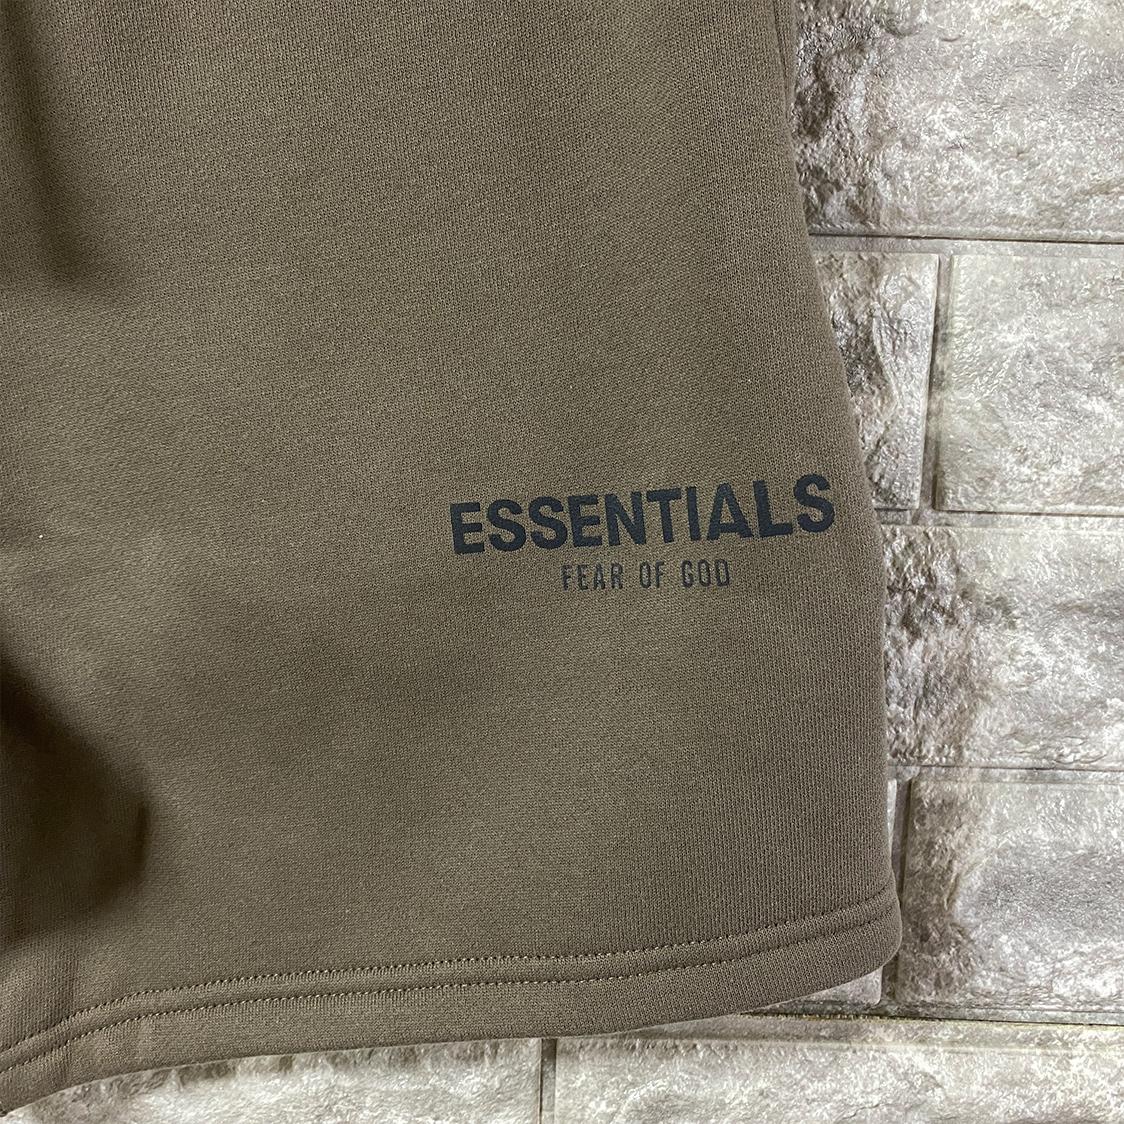 2021新作 新品 Fear Of God Essentials フェアオブゴッド エッセンシャルズ【Sサイズ】 ロゴ スウェット ショーツ ハーフパンツ トープ taupe FOG